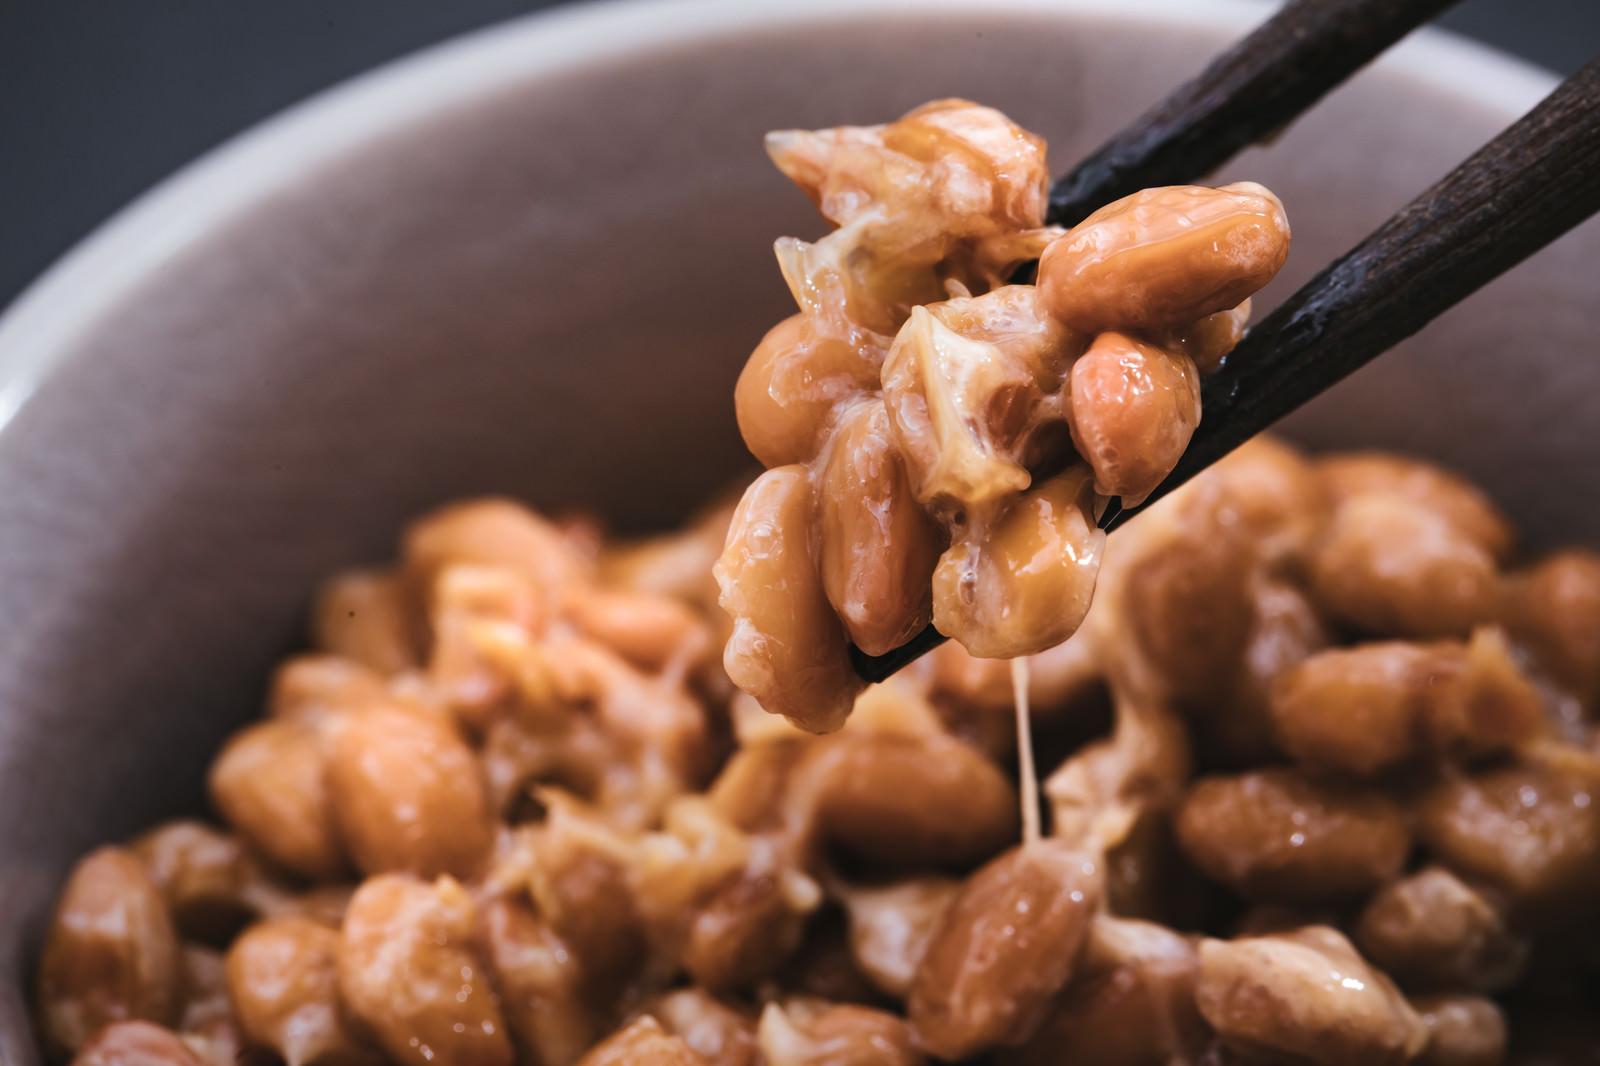 「納豆はかき混ぜないで食べる派納豆はかき混ぜないで食べる派」のフリー写真素材を拡大